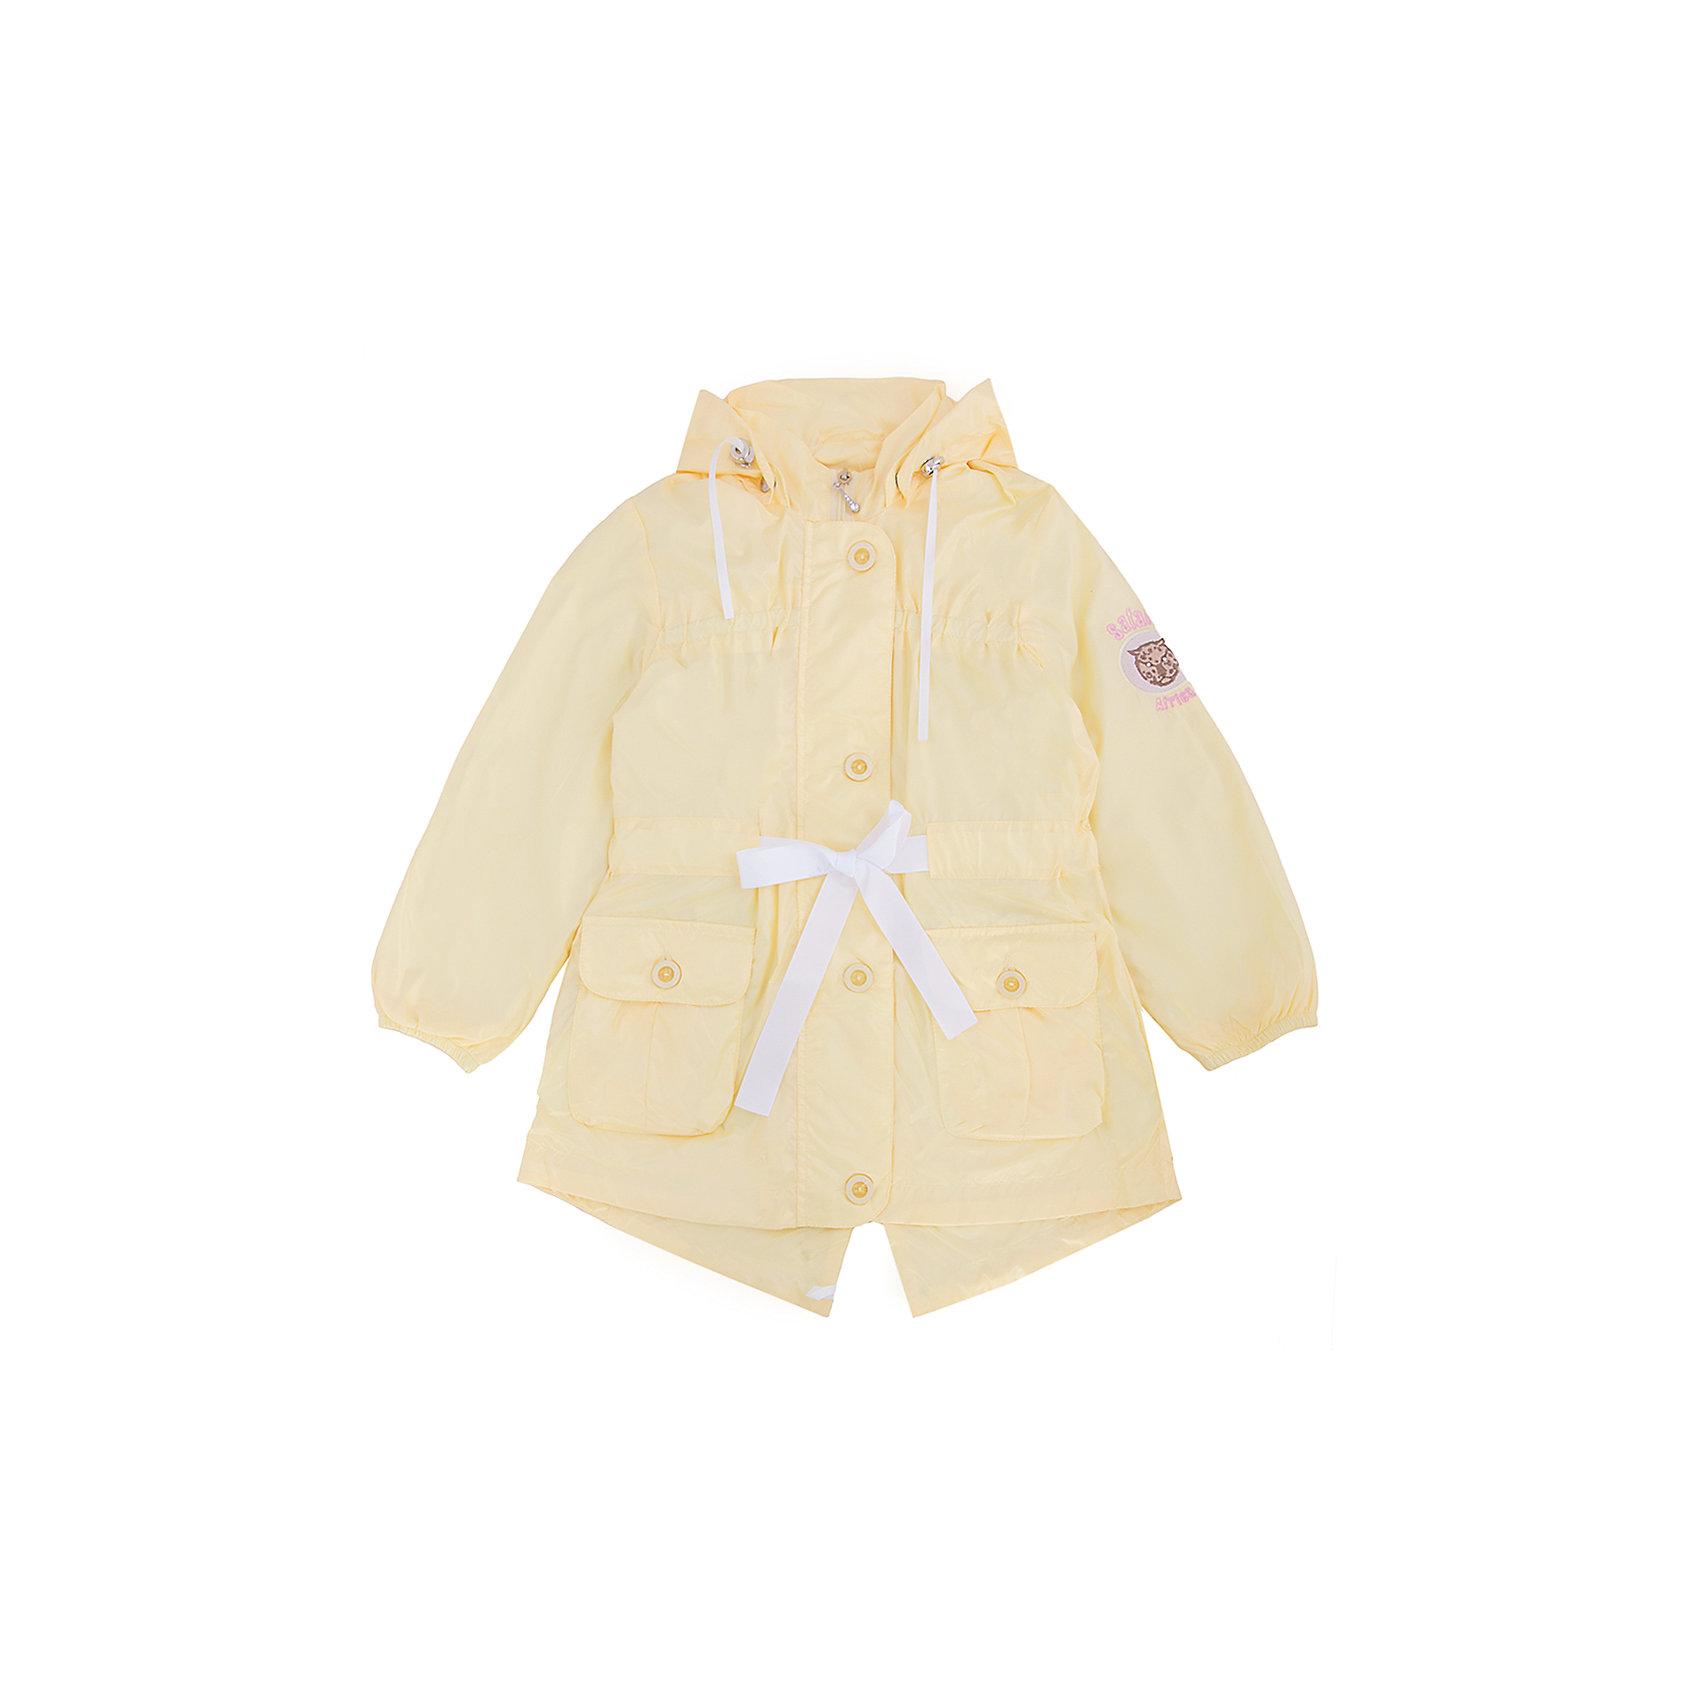 Ветровка для девочки АртельКуртка для девочки от торговой марки Артель &#13;<br>&#13;<br>Модная куртка отлично смотрится и хорошо сидит. Изделие выполнено из качественных материалов, имеет удобные карманы и капюшон. Отличный вариант для переменной погоды межсезонья!&#13;<br>Одежда от бренда Артель – это высокое качество по приемлемой цене и всегда продуманный дизайн. &#13;<br>&#13;<br>Особенности модели: &#13;<br>- цвет - желтый;&#13;<br>- наличие карманов;&#13;<br>- наличие капюшона;&#13;<br>- пояс с бантом;&#13;<br>- рукава-фонарики;&#13;<br>- застежка-молния, планка.&#13;<br>&#13;<br>Дополнительная информация:&#13;<br>&#13;<br>Состав: &#13;<br>- верх: F Multi;&#13;<br>- подкладка: тиси.&#13;<br>&#13;<br>Температурный режим: &#13;<br>от +5 °C до + 20 °C&#13;<br>&#13;<br>Куртку для девочки Артель (Artel) можно купить в нашем магазине.<br><br>Ширина мм: 356<br>Глубина мм: 10<br>Высота мм: 245<br>Вес г: 519<br>Цвет: желтый<br>Возраст от месяцев: 84<br>Возраст до месяцев: 96<br>Пол: Женский<br>Возраст: Детский<br>Размер: 128,146,134,140<br>SKU: 4496175